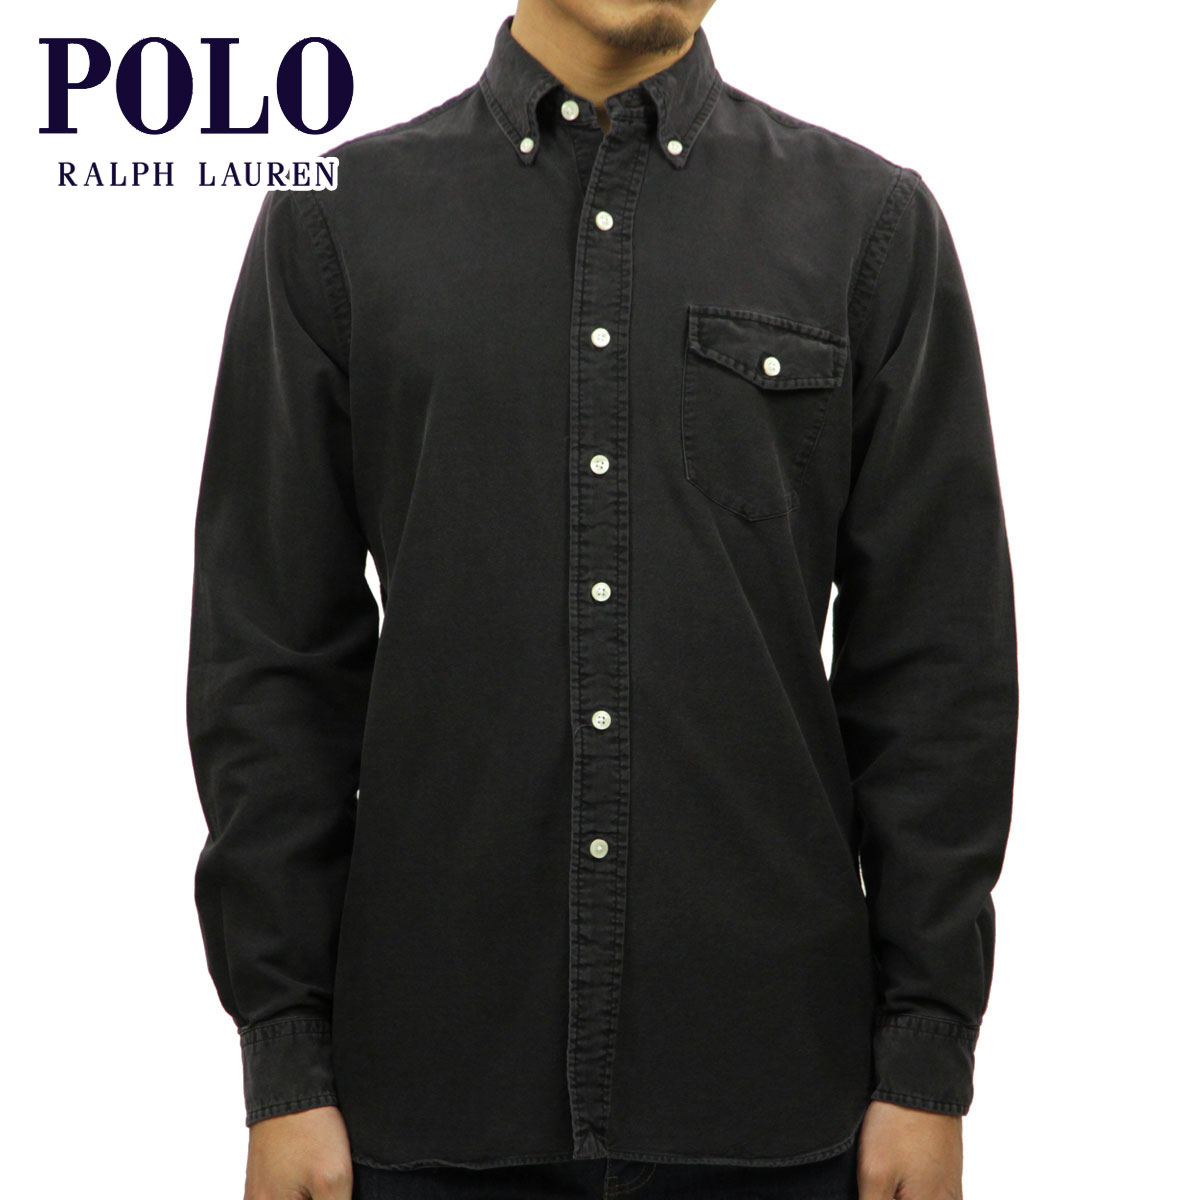 ポロ ラルフローレン POLO RALPH LAUREN 正規品 メンズ 長袖ボタンダウンシャツ CLASSIC FIT OXFORD SHIRT BLACK